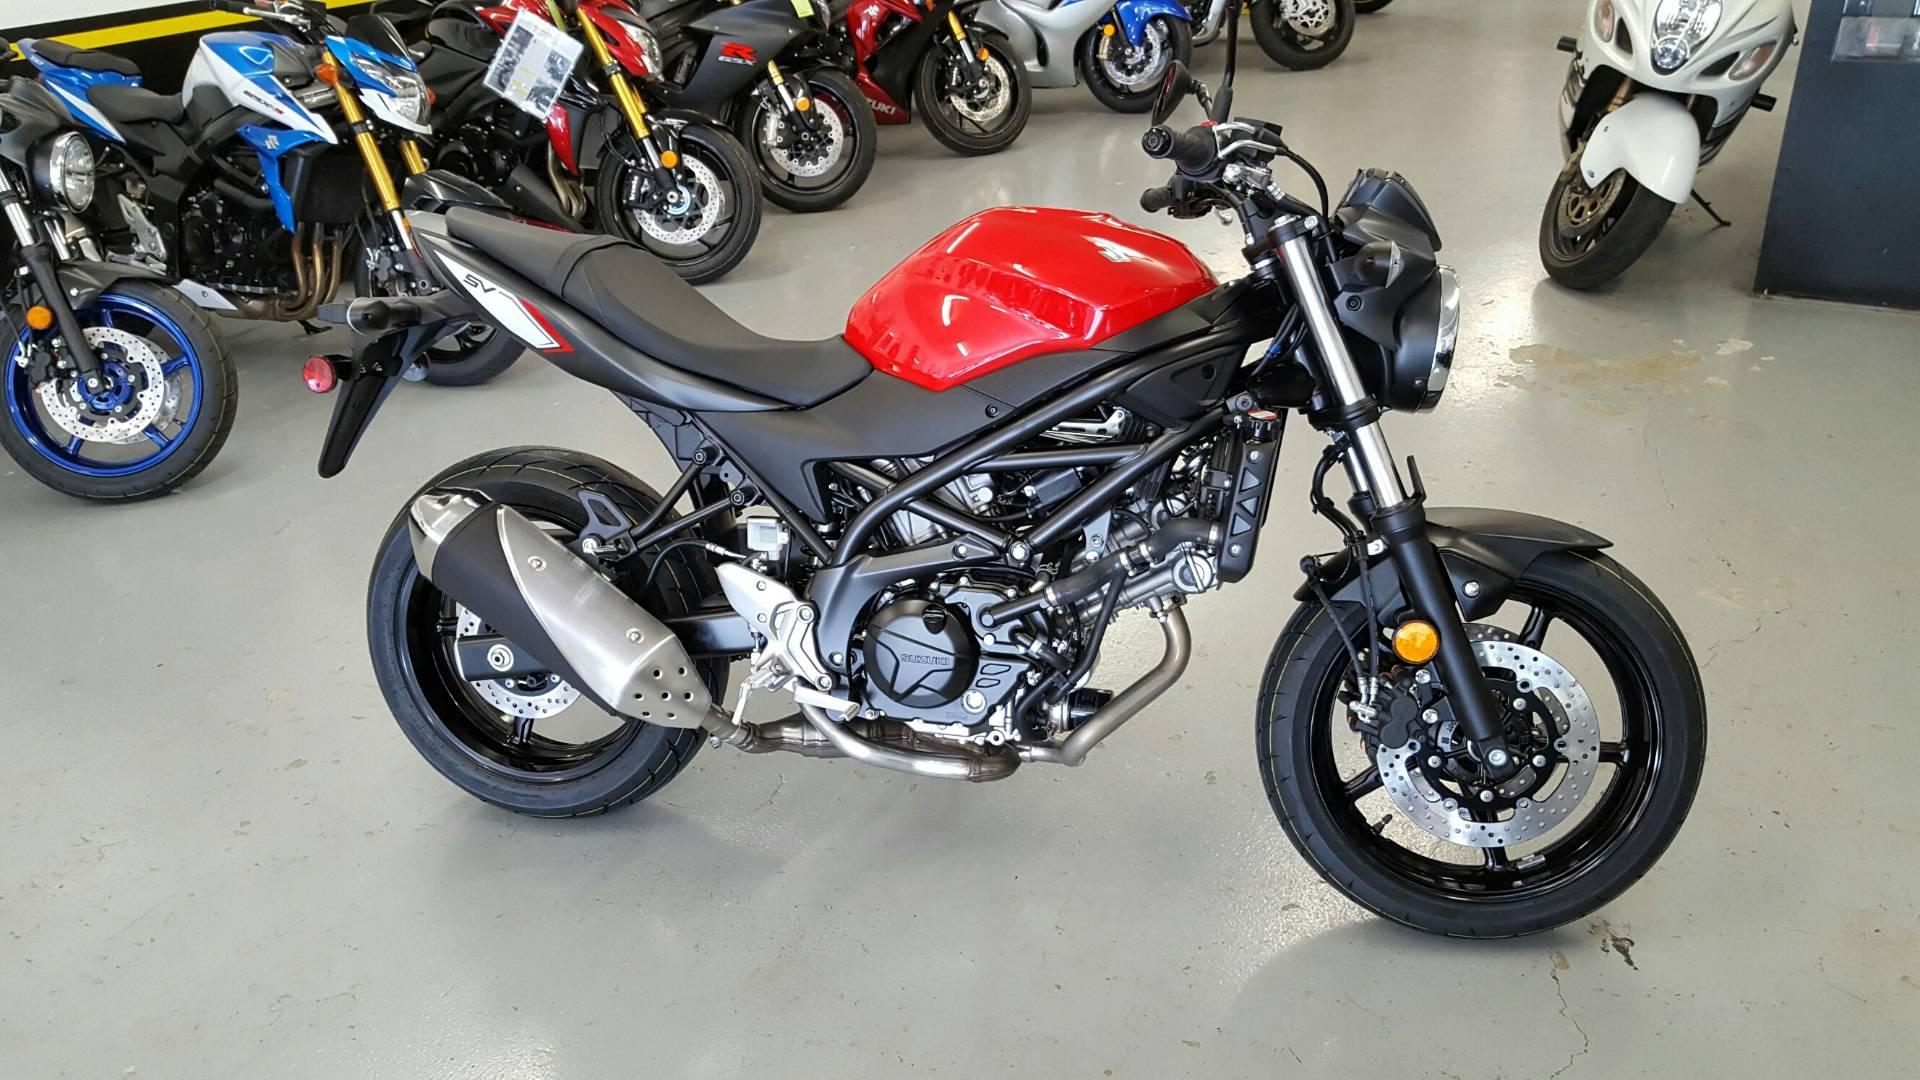 2017 Suzuki SV650 for sale 85235